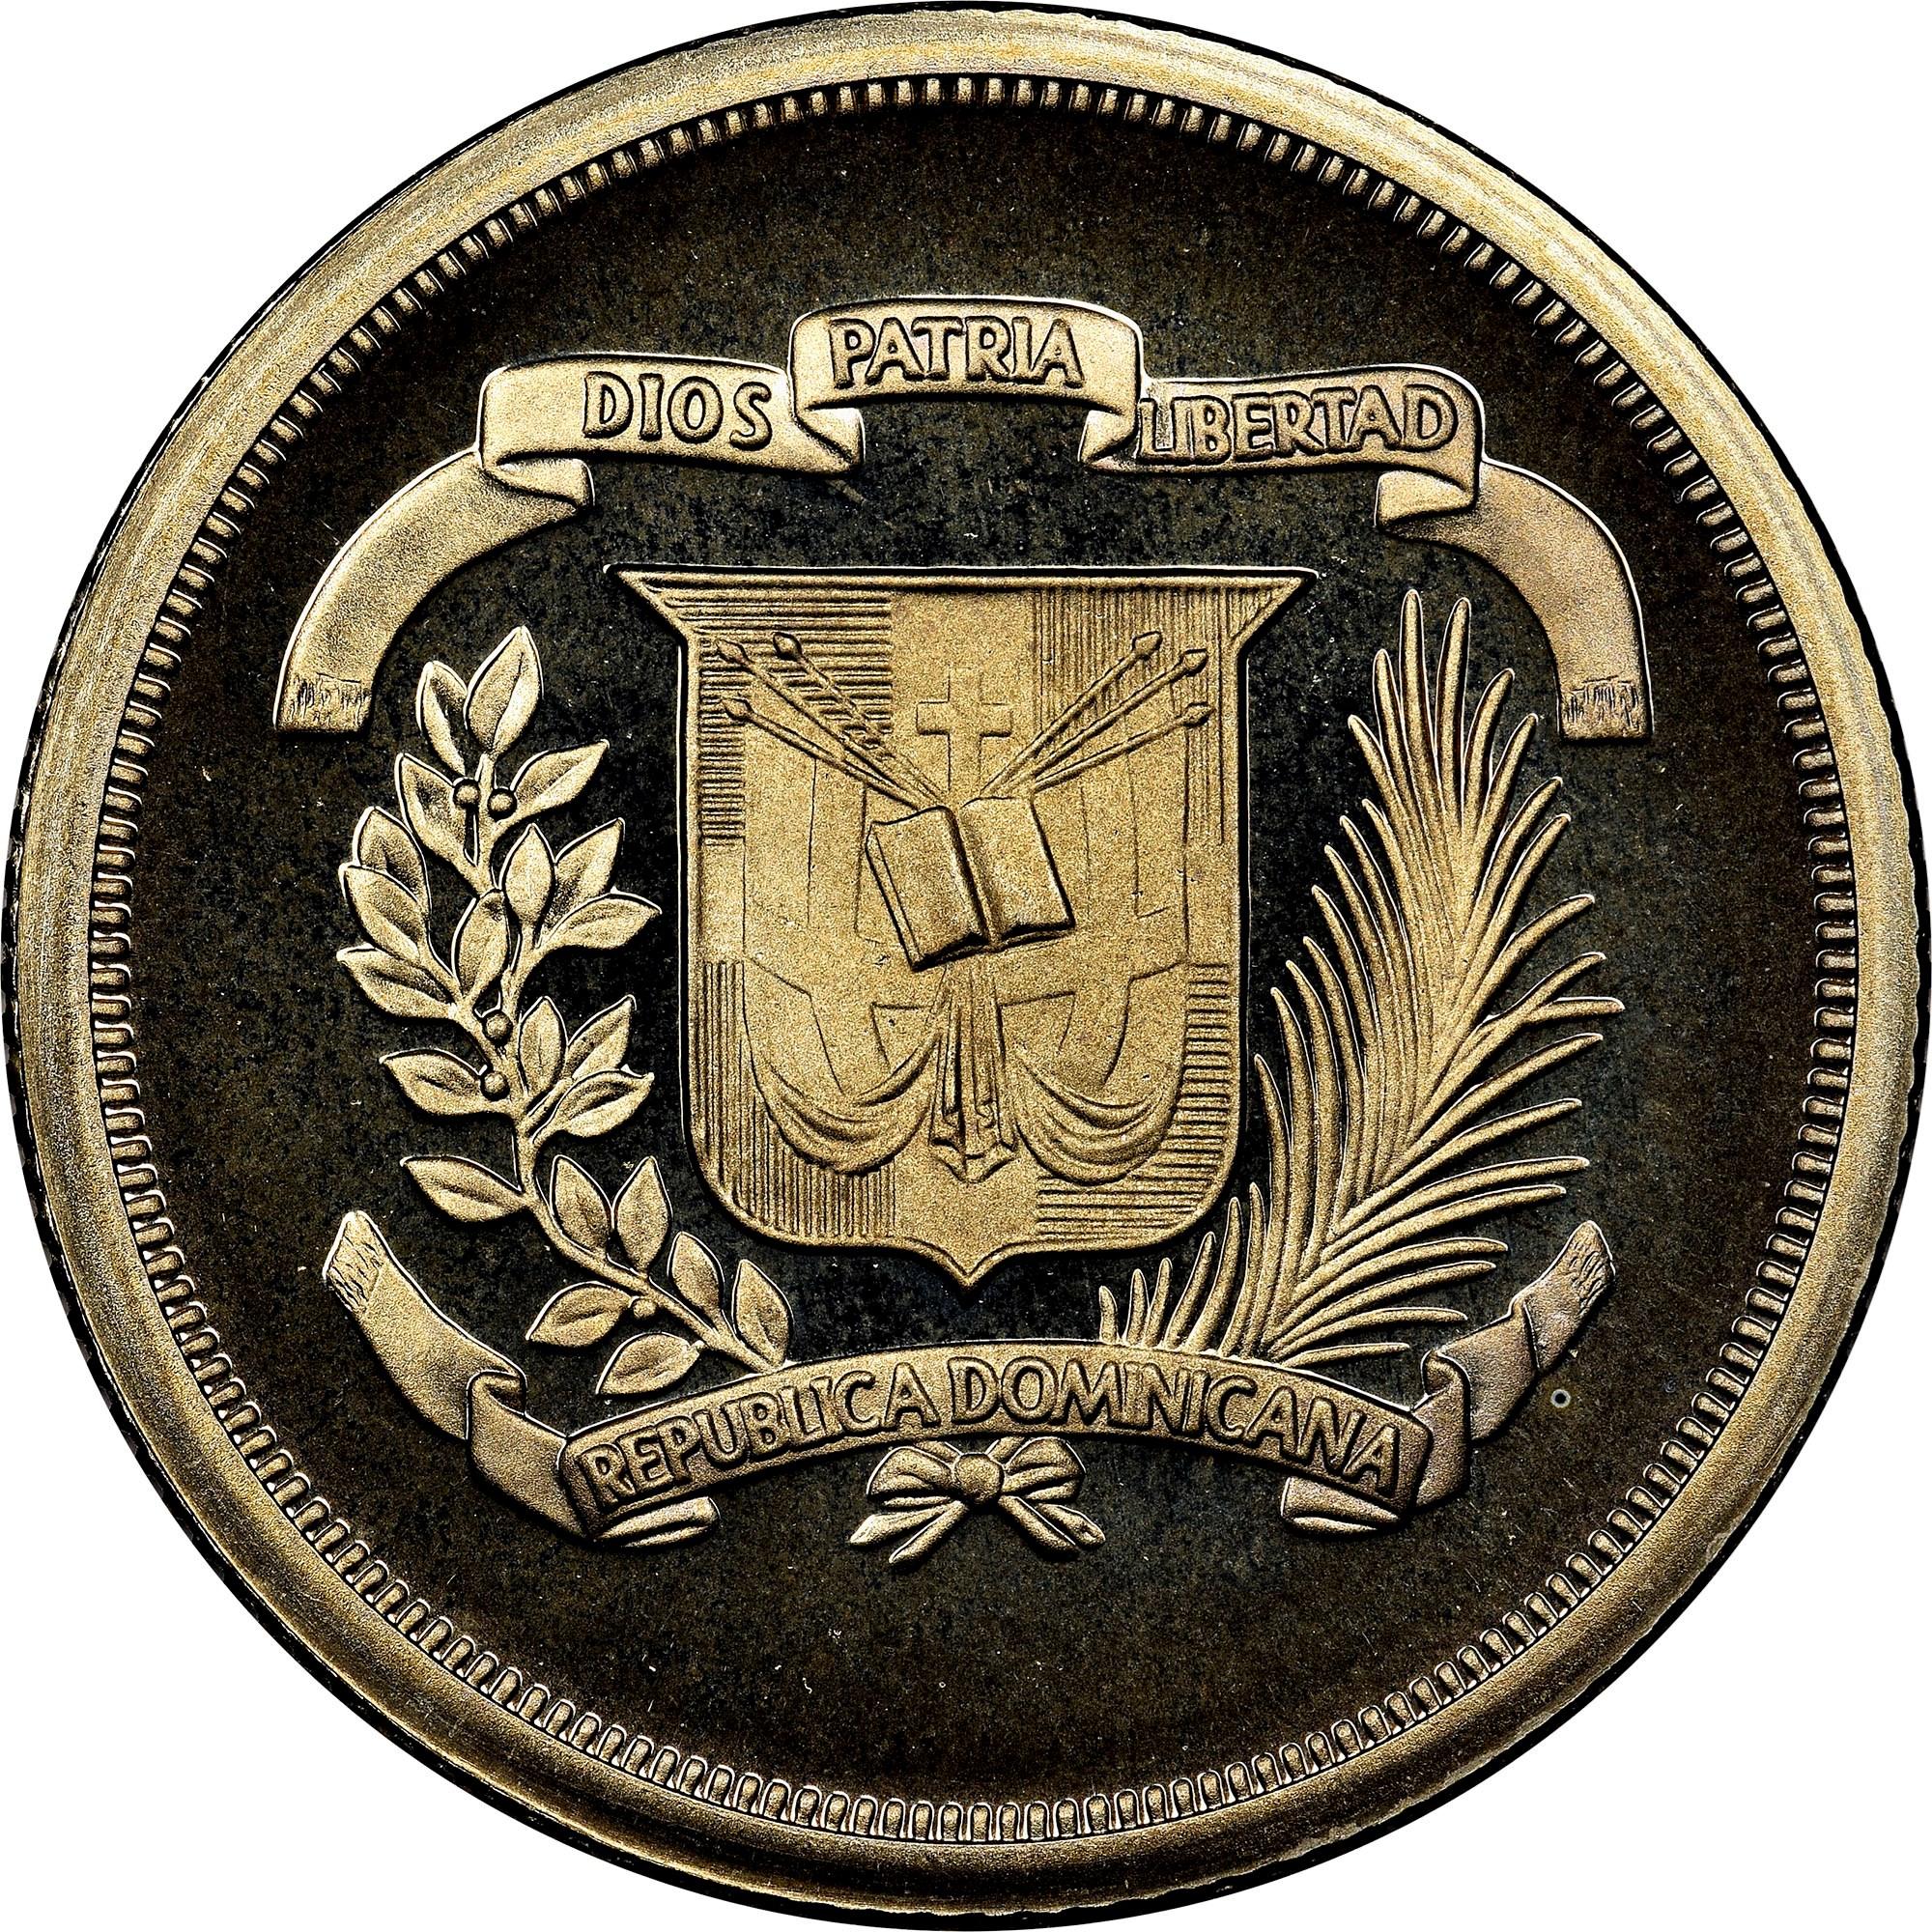 Dominican Republic 25 Centavos obverse